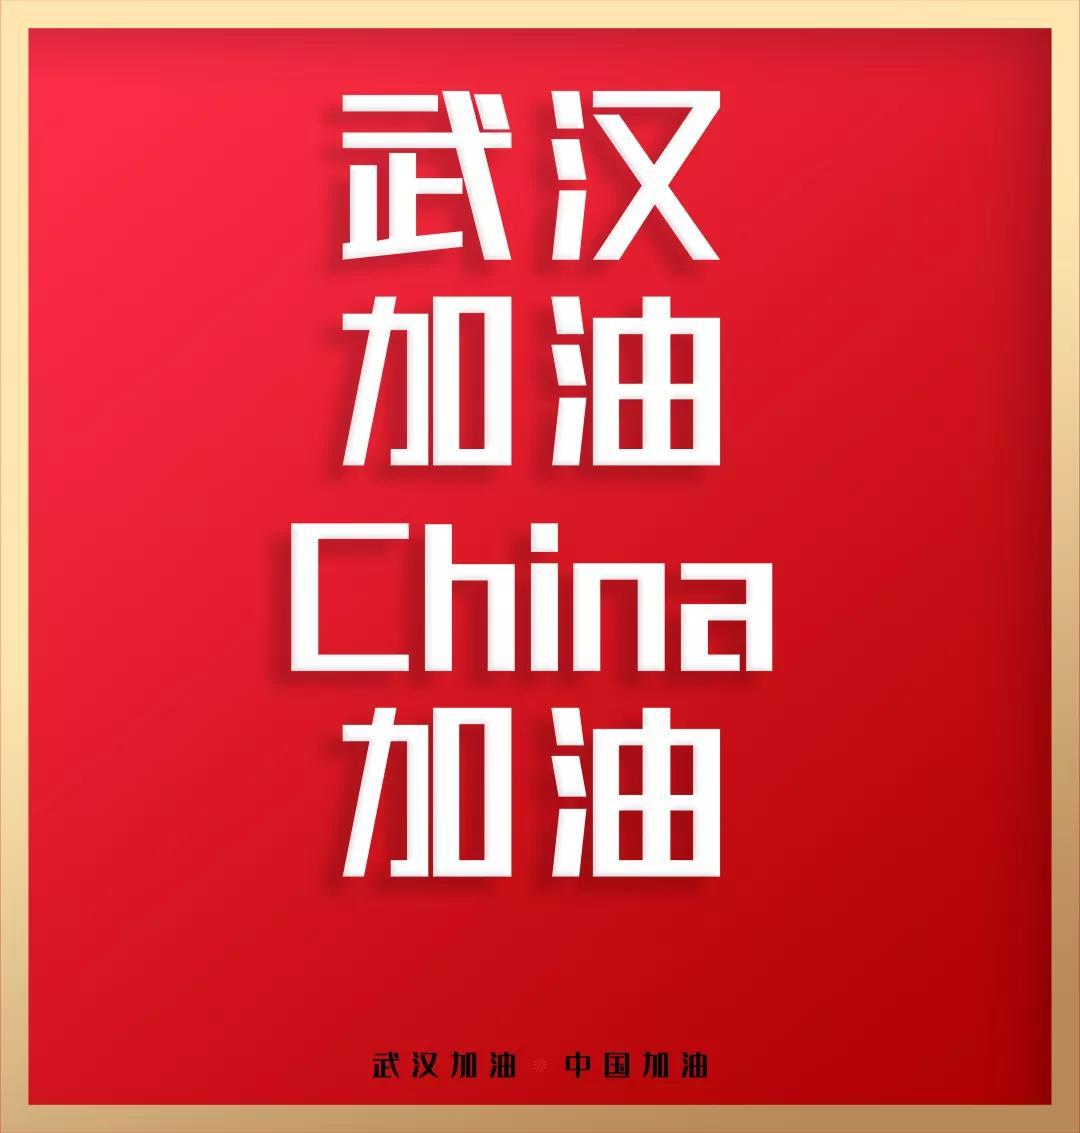 初心不忘 大爱无疆 ——广东中泰龙集团斥资过千万支援疫情防控